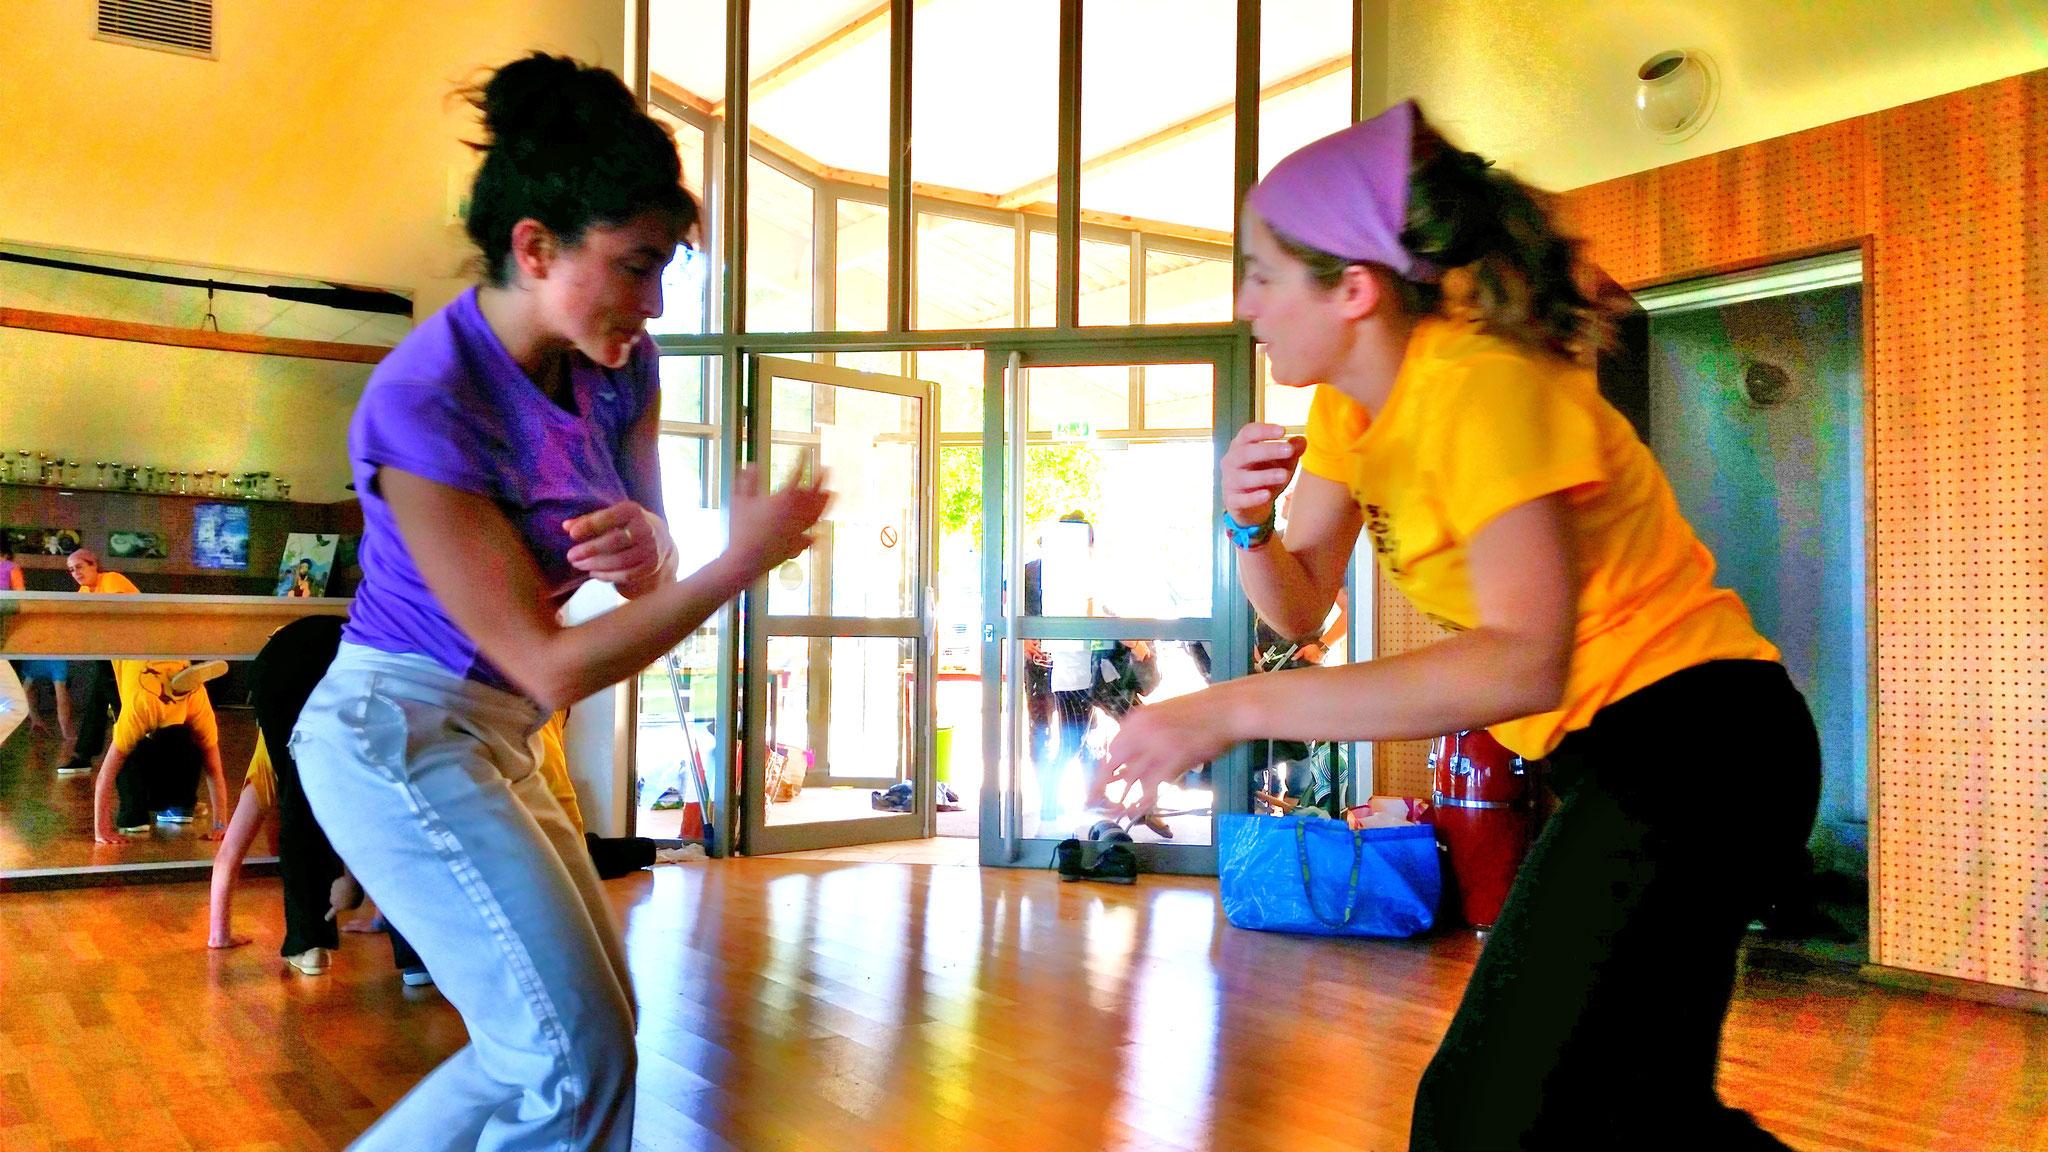 CECA - Bincadeira de angola 2 - capoeira angola 6